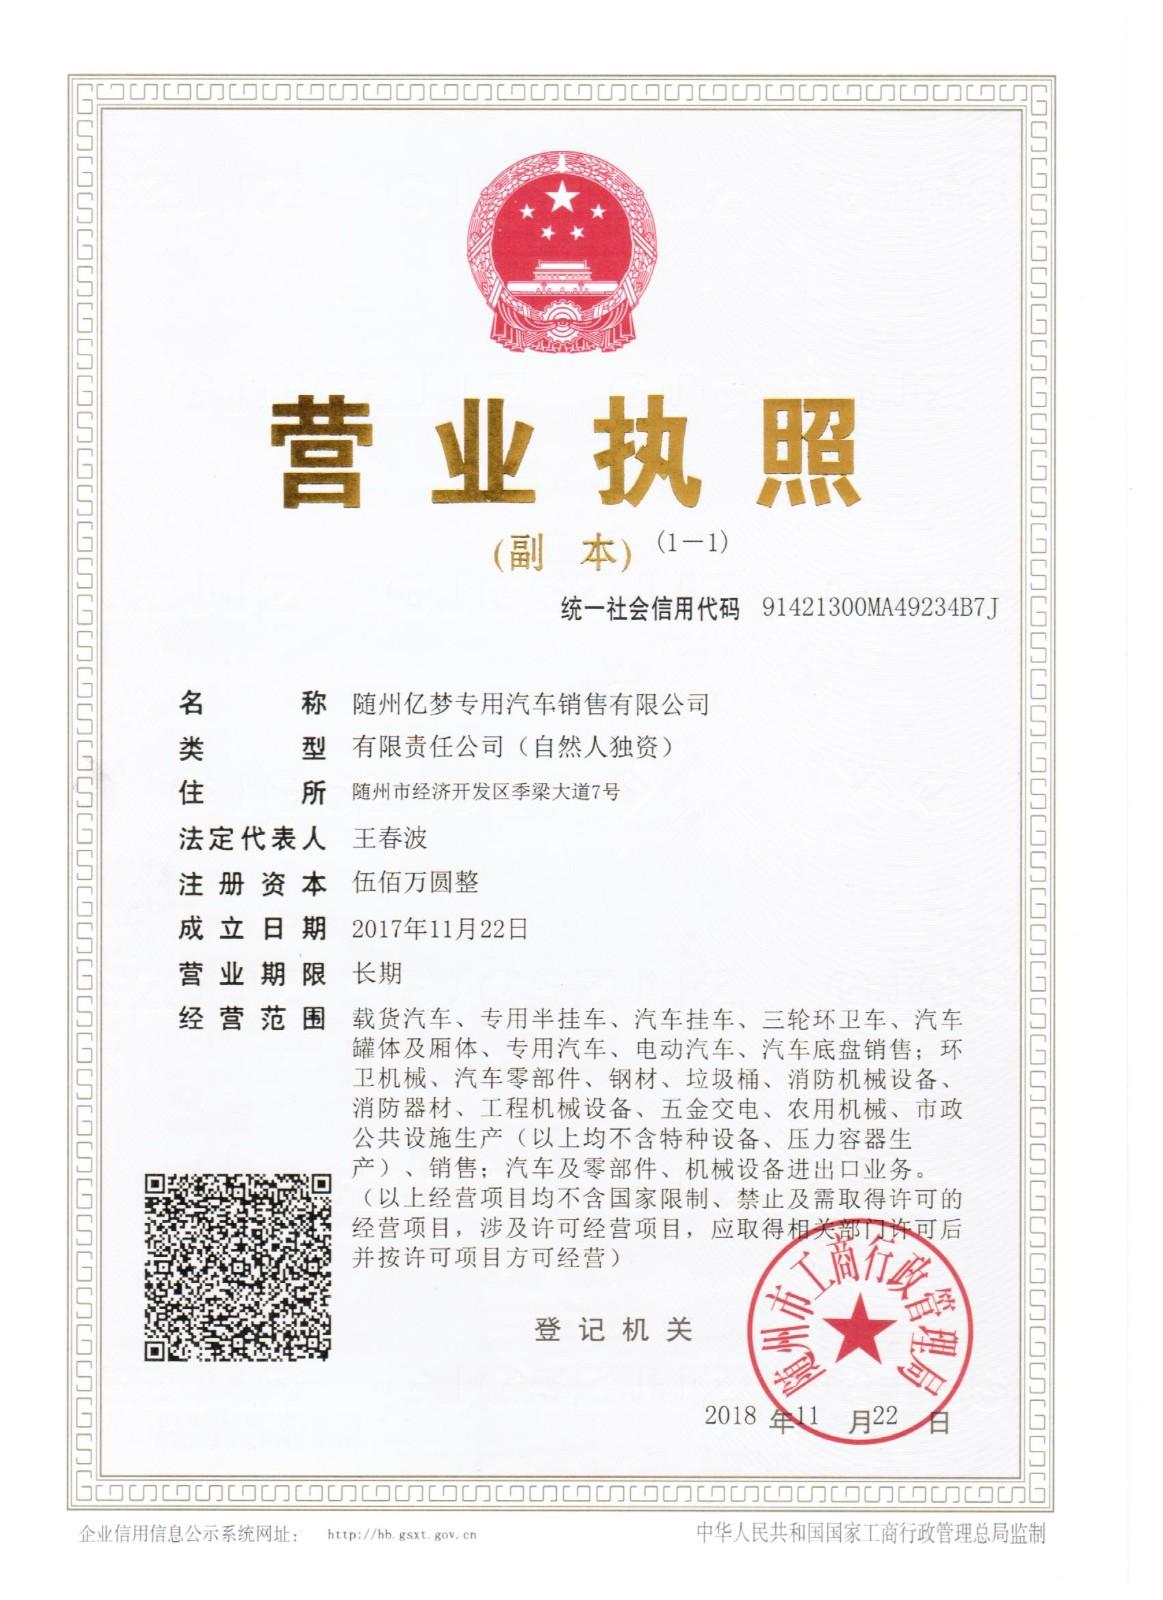 随州亿梦专用汽车销售有限公司最新版营业执照_副本.jpg